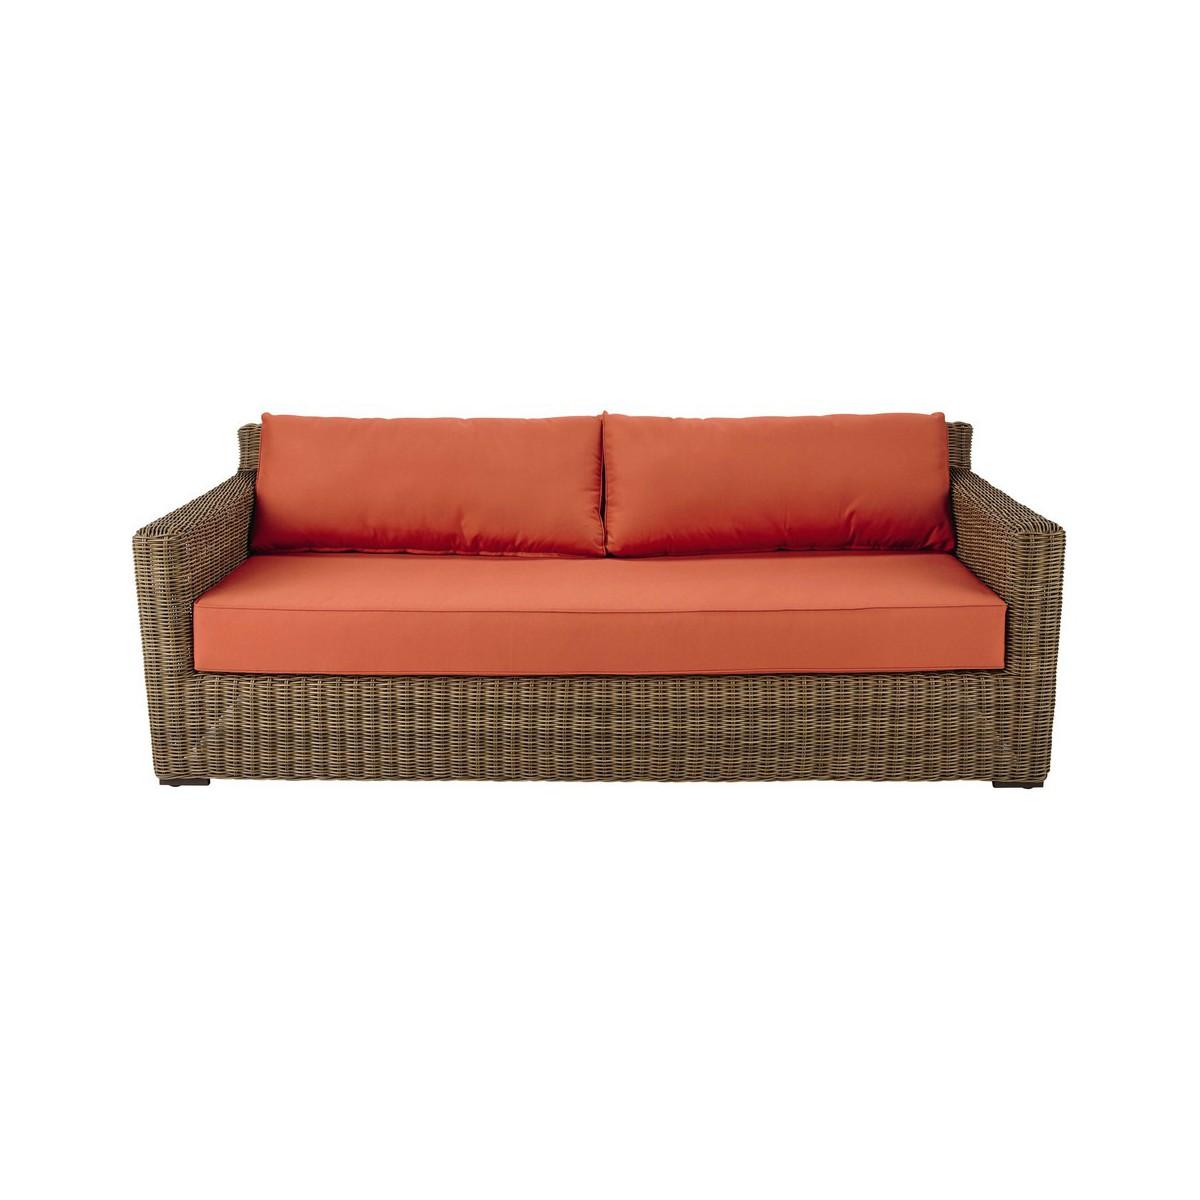 Canap de jardin 3 4 places en r sine tress e et tissu rouge brique - Canape 4 places tissu ...